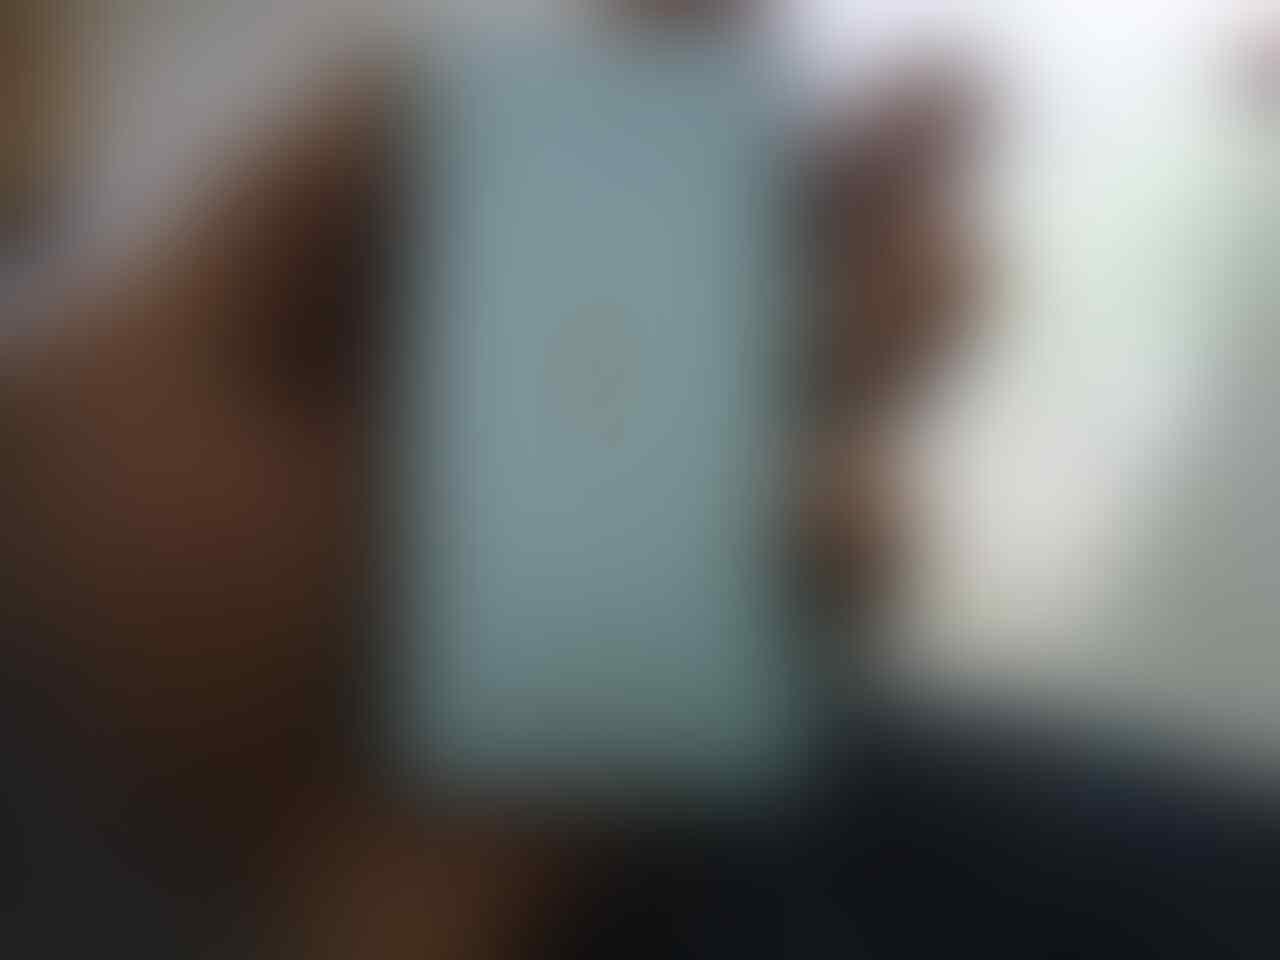 WTS Ipod Classic 2nd Gen 16GB